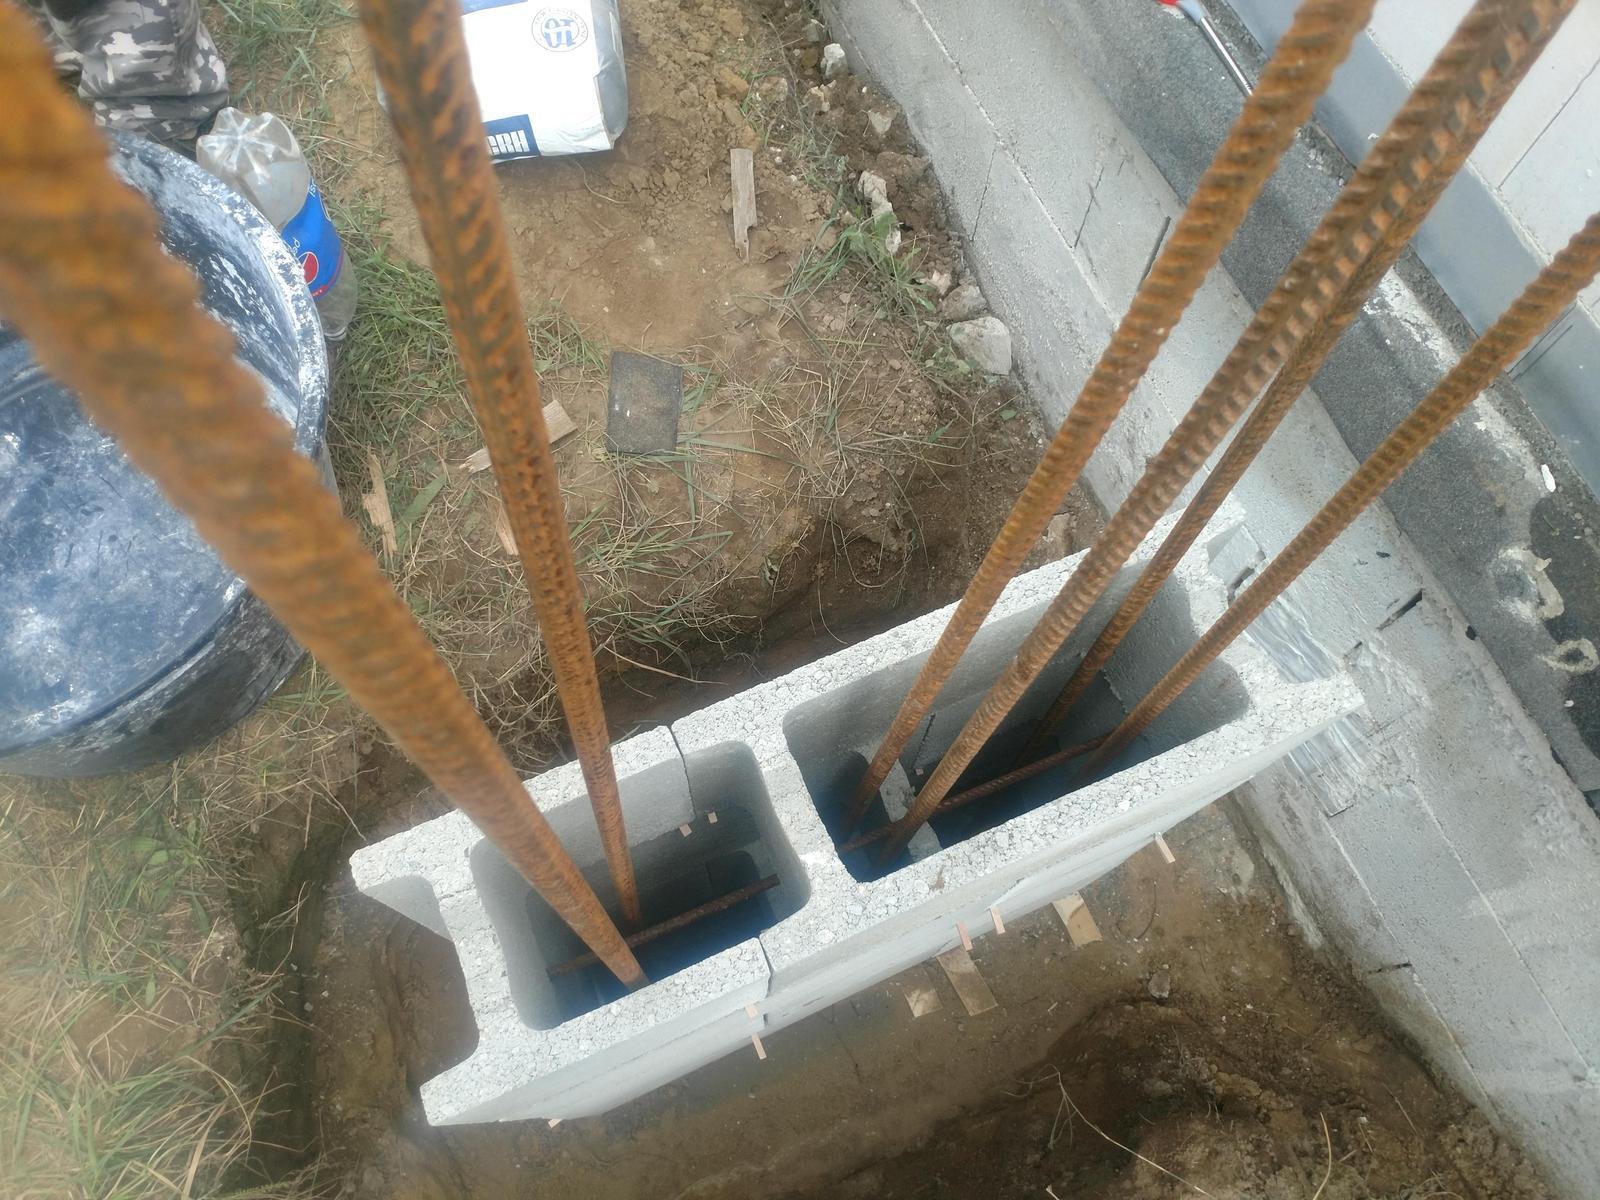 Bungalov z vápenno pieskových tvárnic(VPC) od Kalksandsteinu - Priemer ocele do podporného stlpu pri dverách 6 x Fi 16mm(na fotke je vidieť odsadenie stlpu od steny domu, kvôli prerušeniu tepelného mostu)